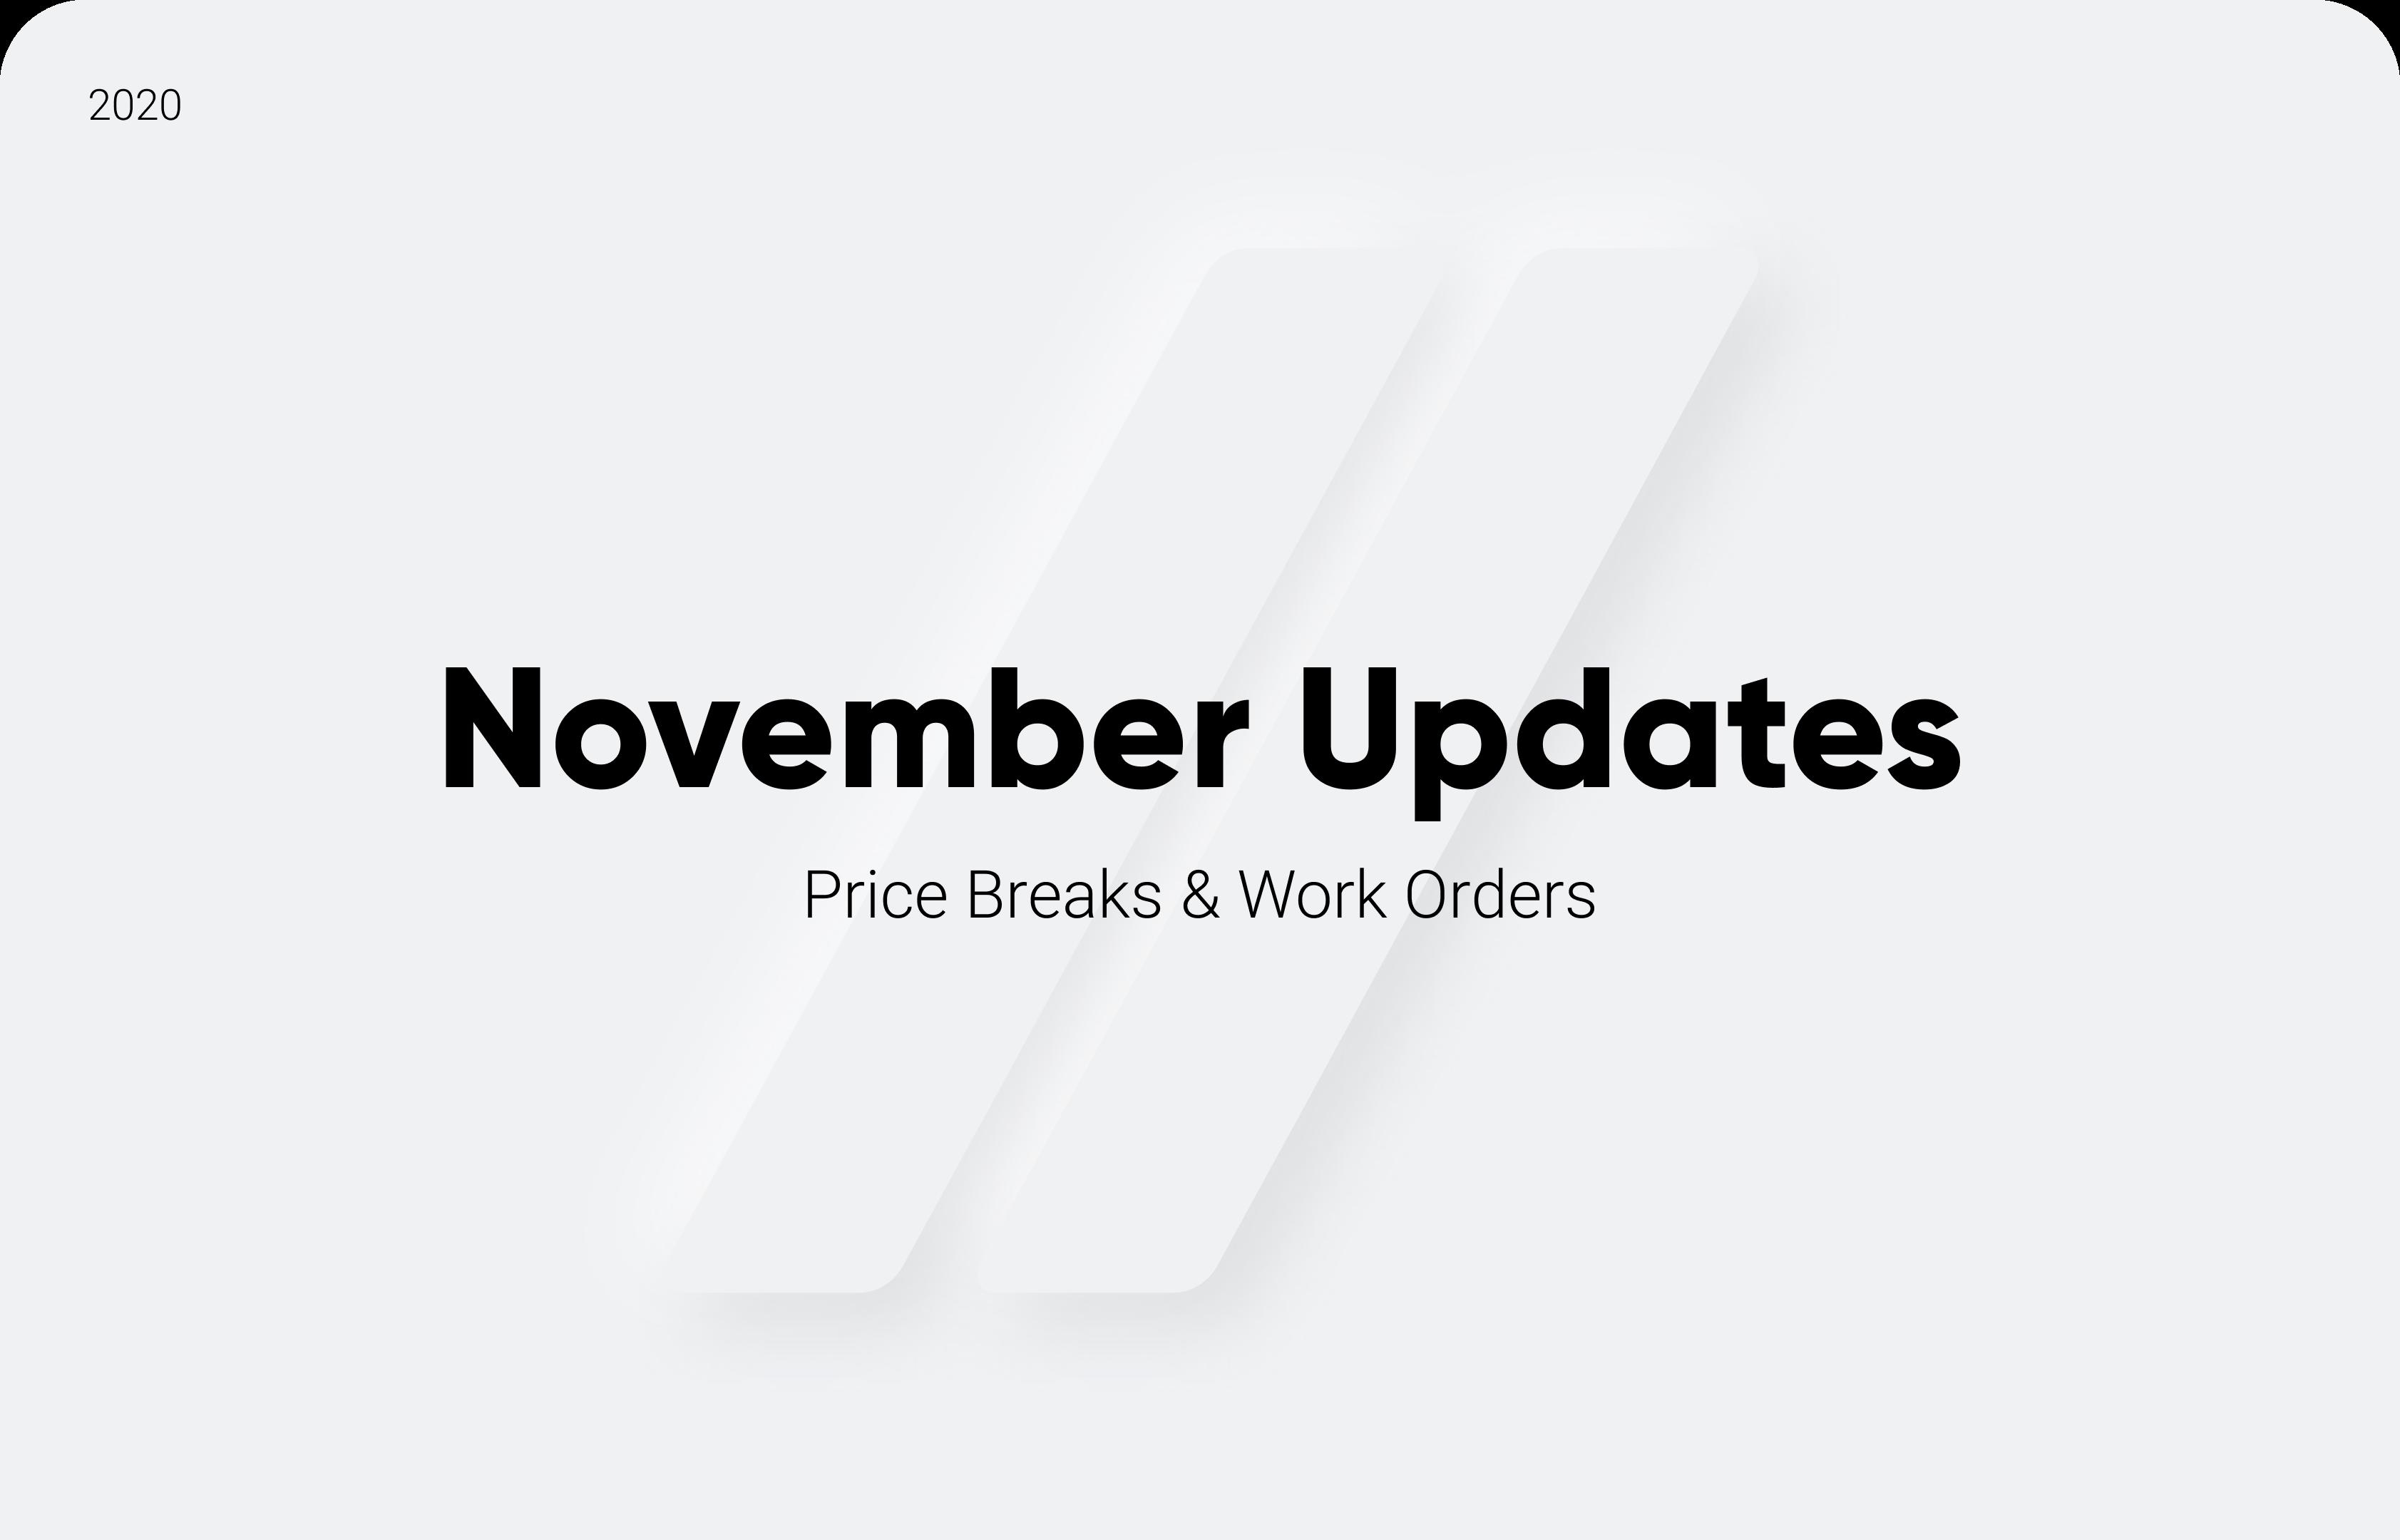 November Updates: Price Breaks & Work Orders